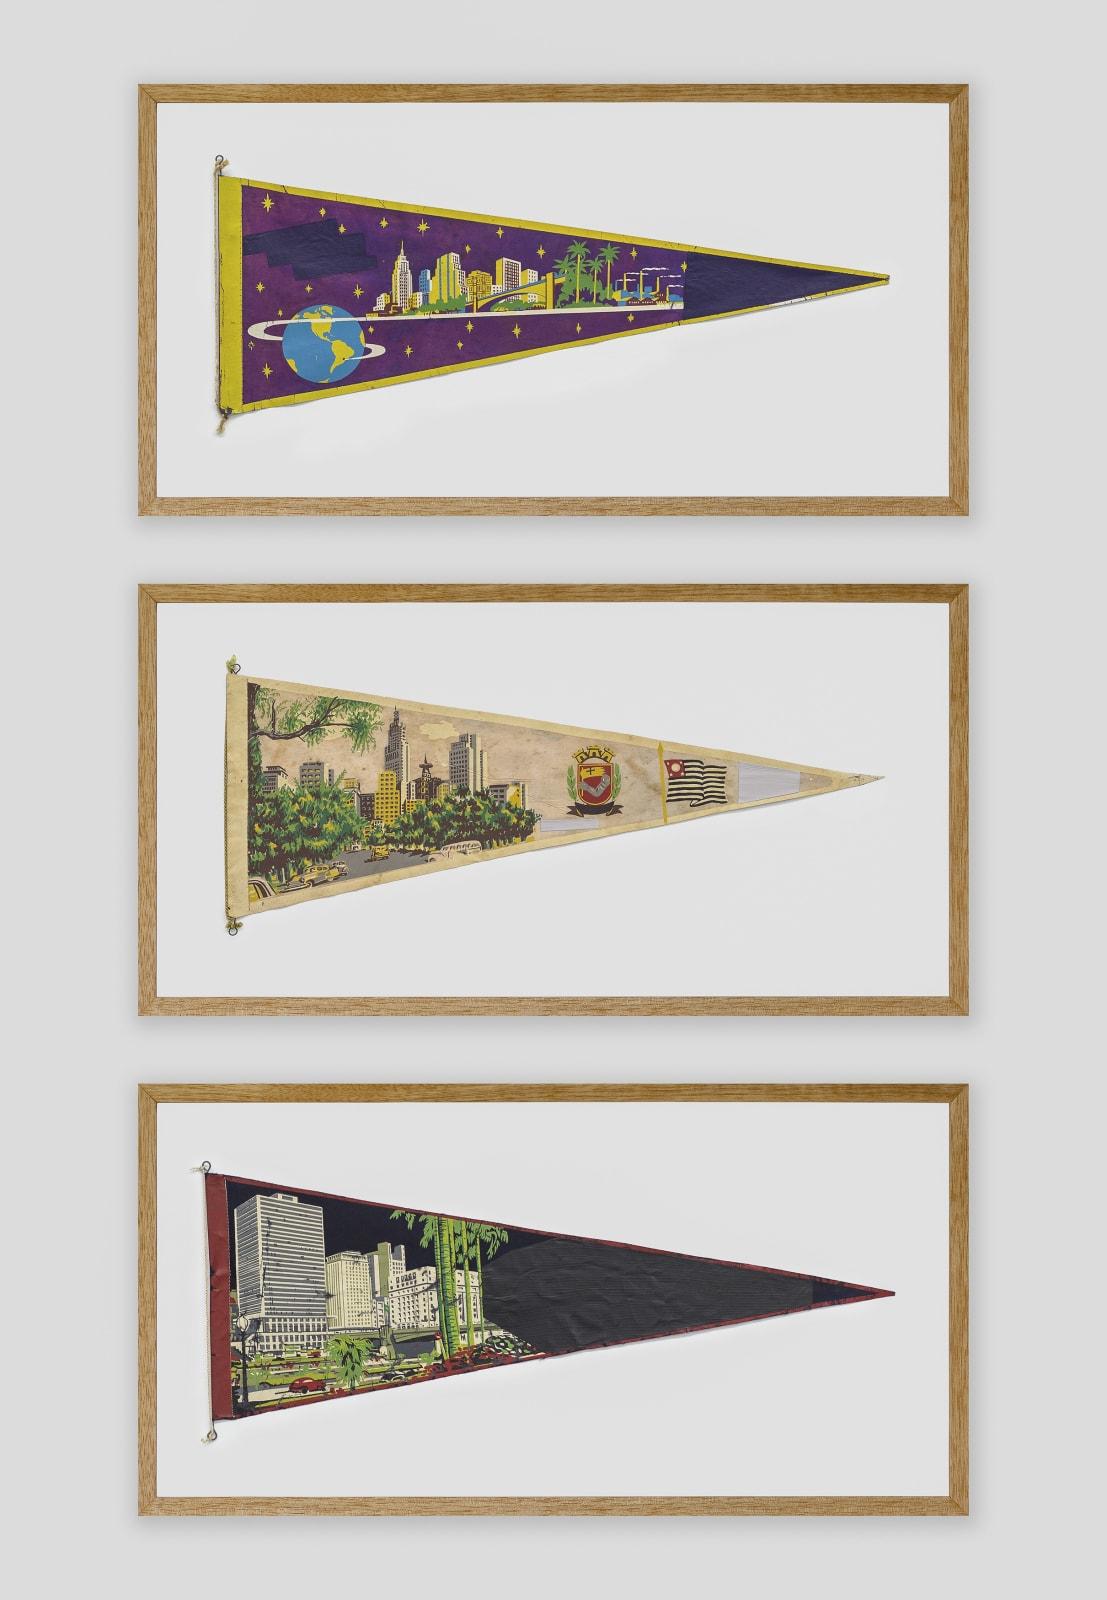 Bruno Faria Lembranças de Paisagem I São Paulo, 2020 Pintura e serigrafia sobre tecido, Tríptico aprox. 102 x 61,5 cm